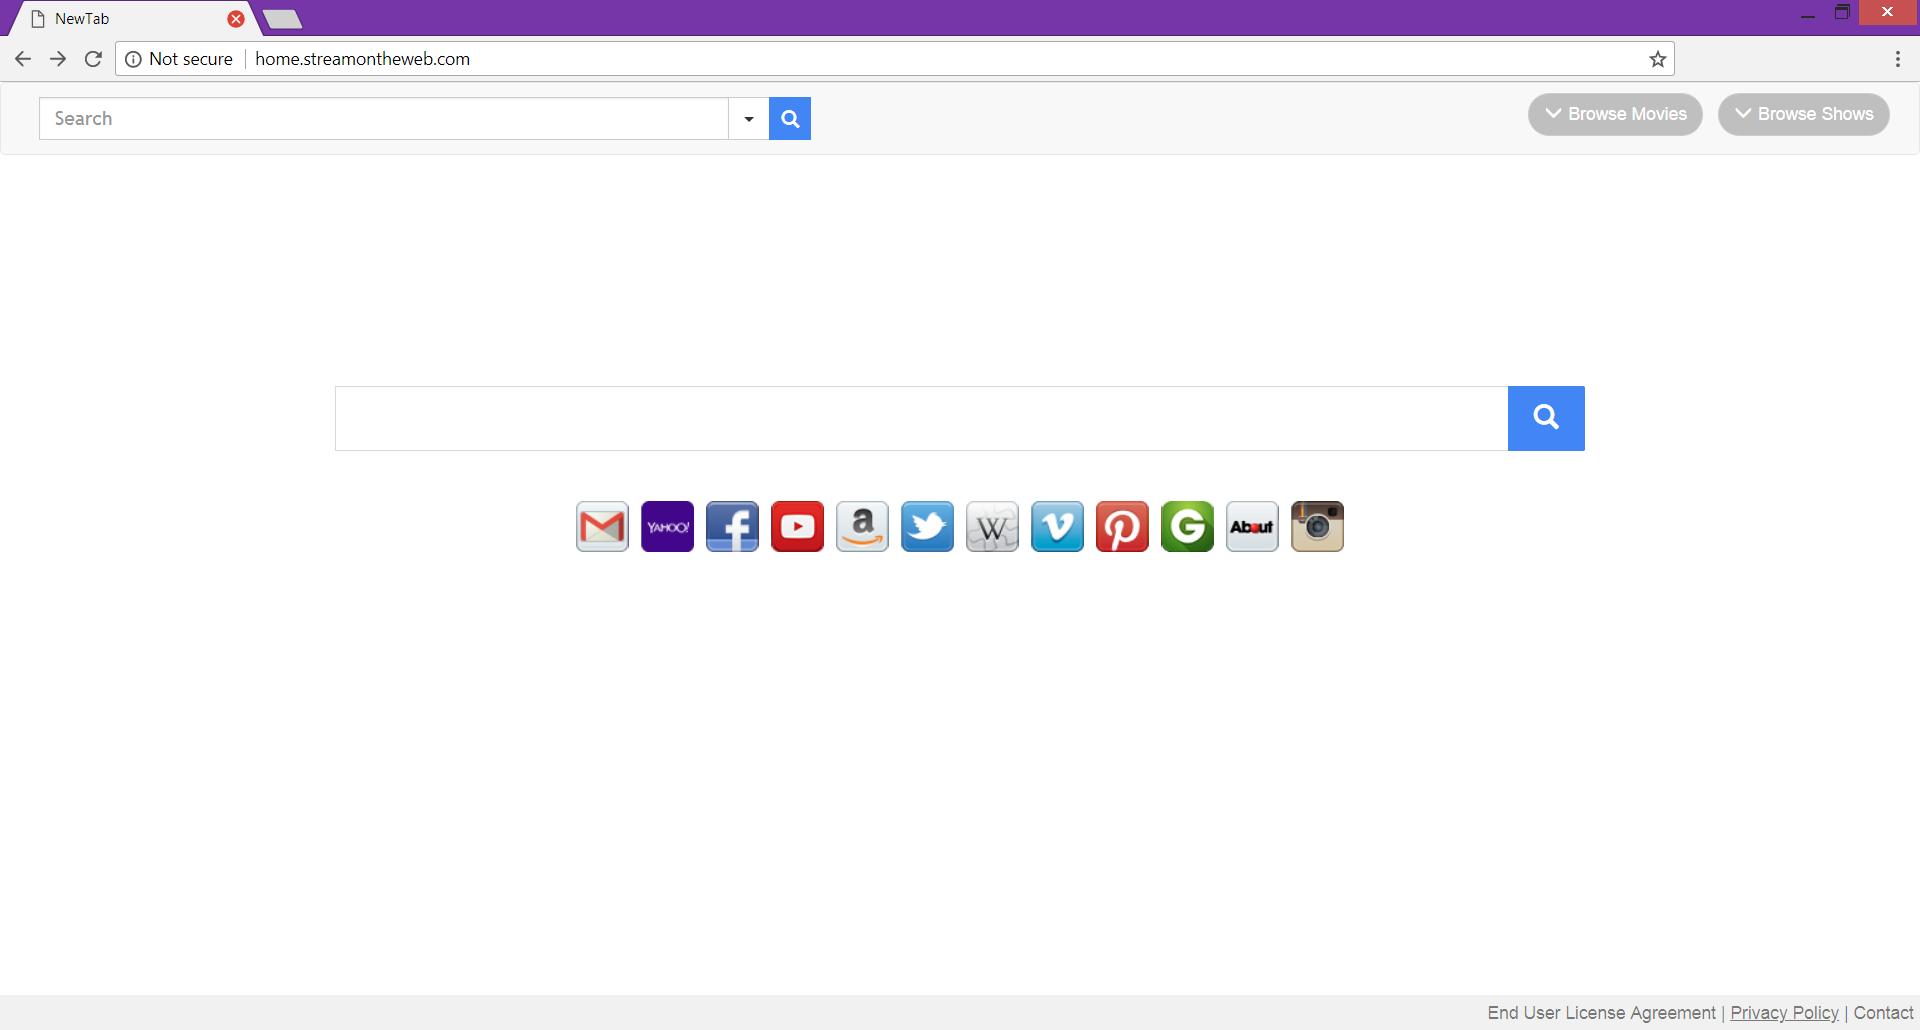 Home.streamitwhere.com hijacker main page fake search engine